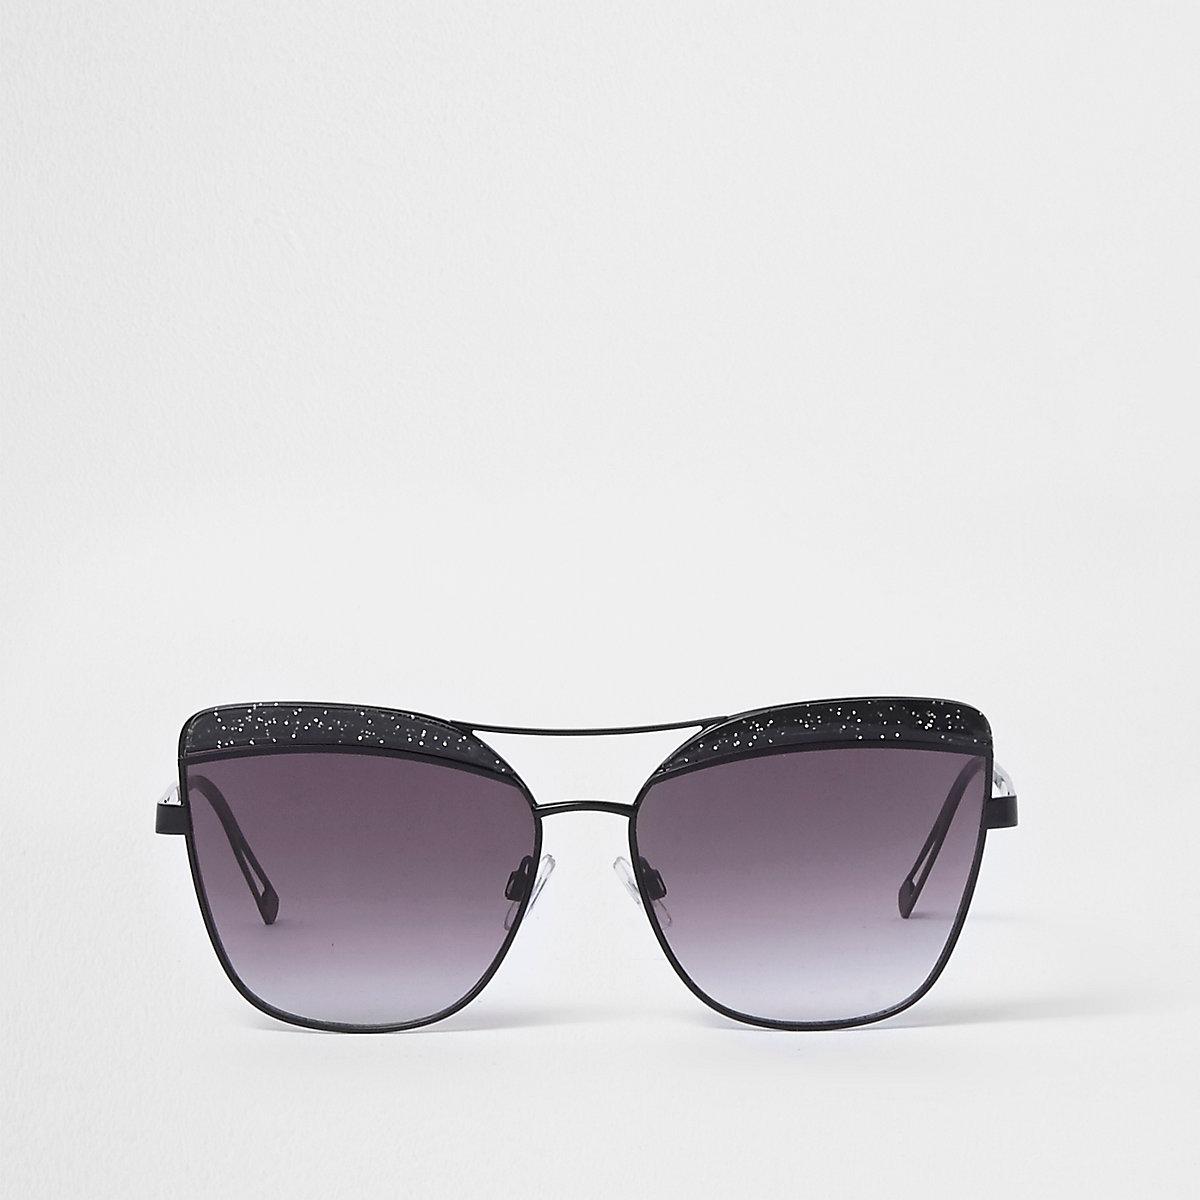 Black glitter cat eye smoke lens sunglasses